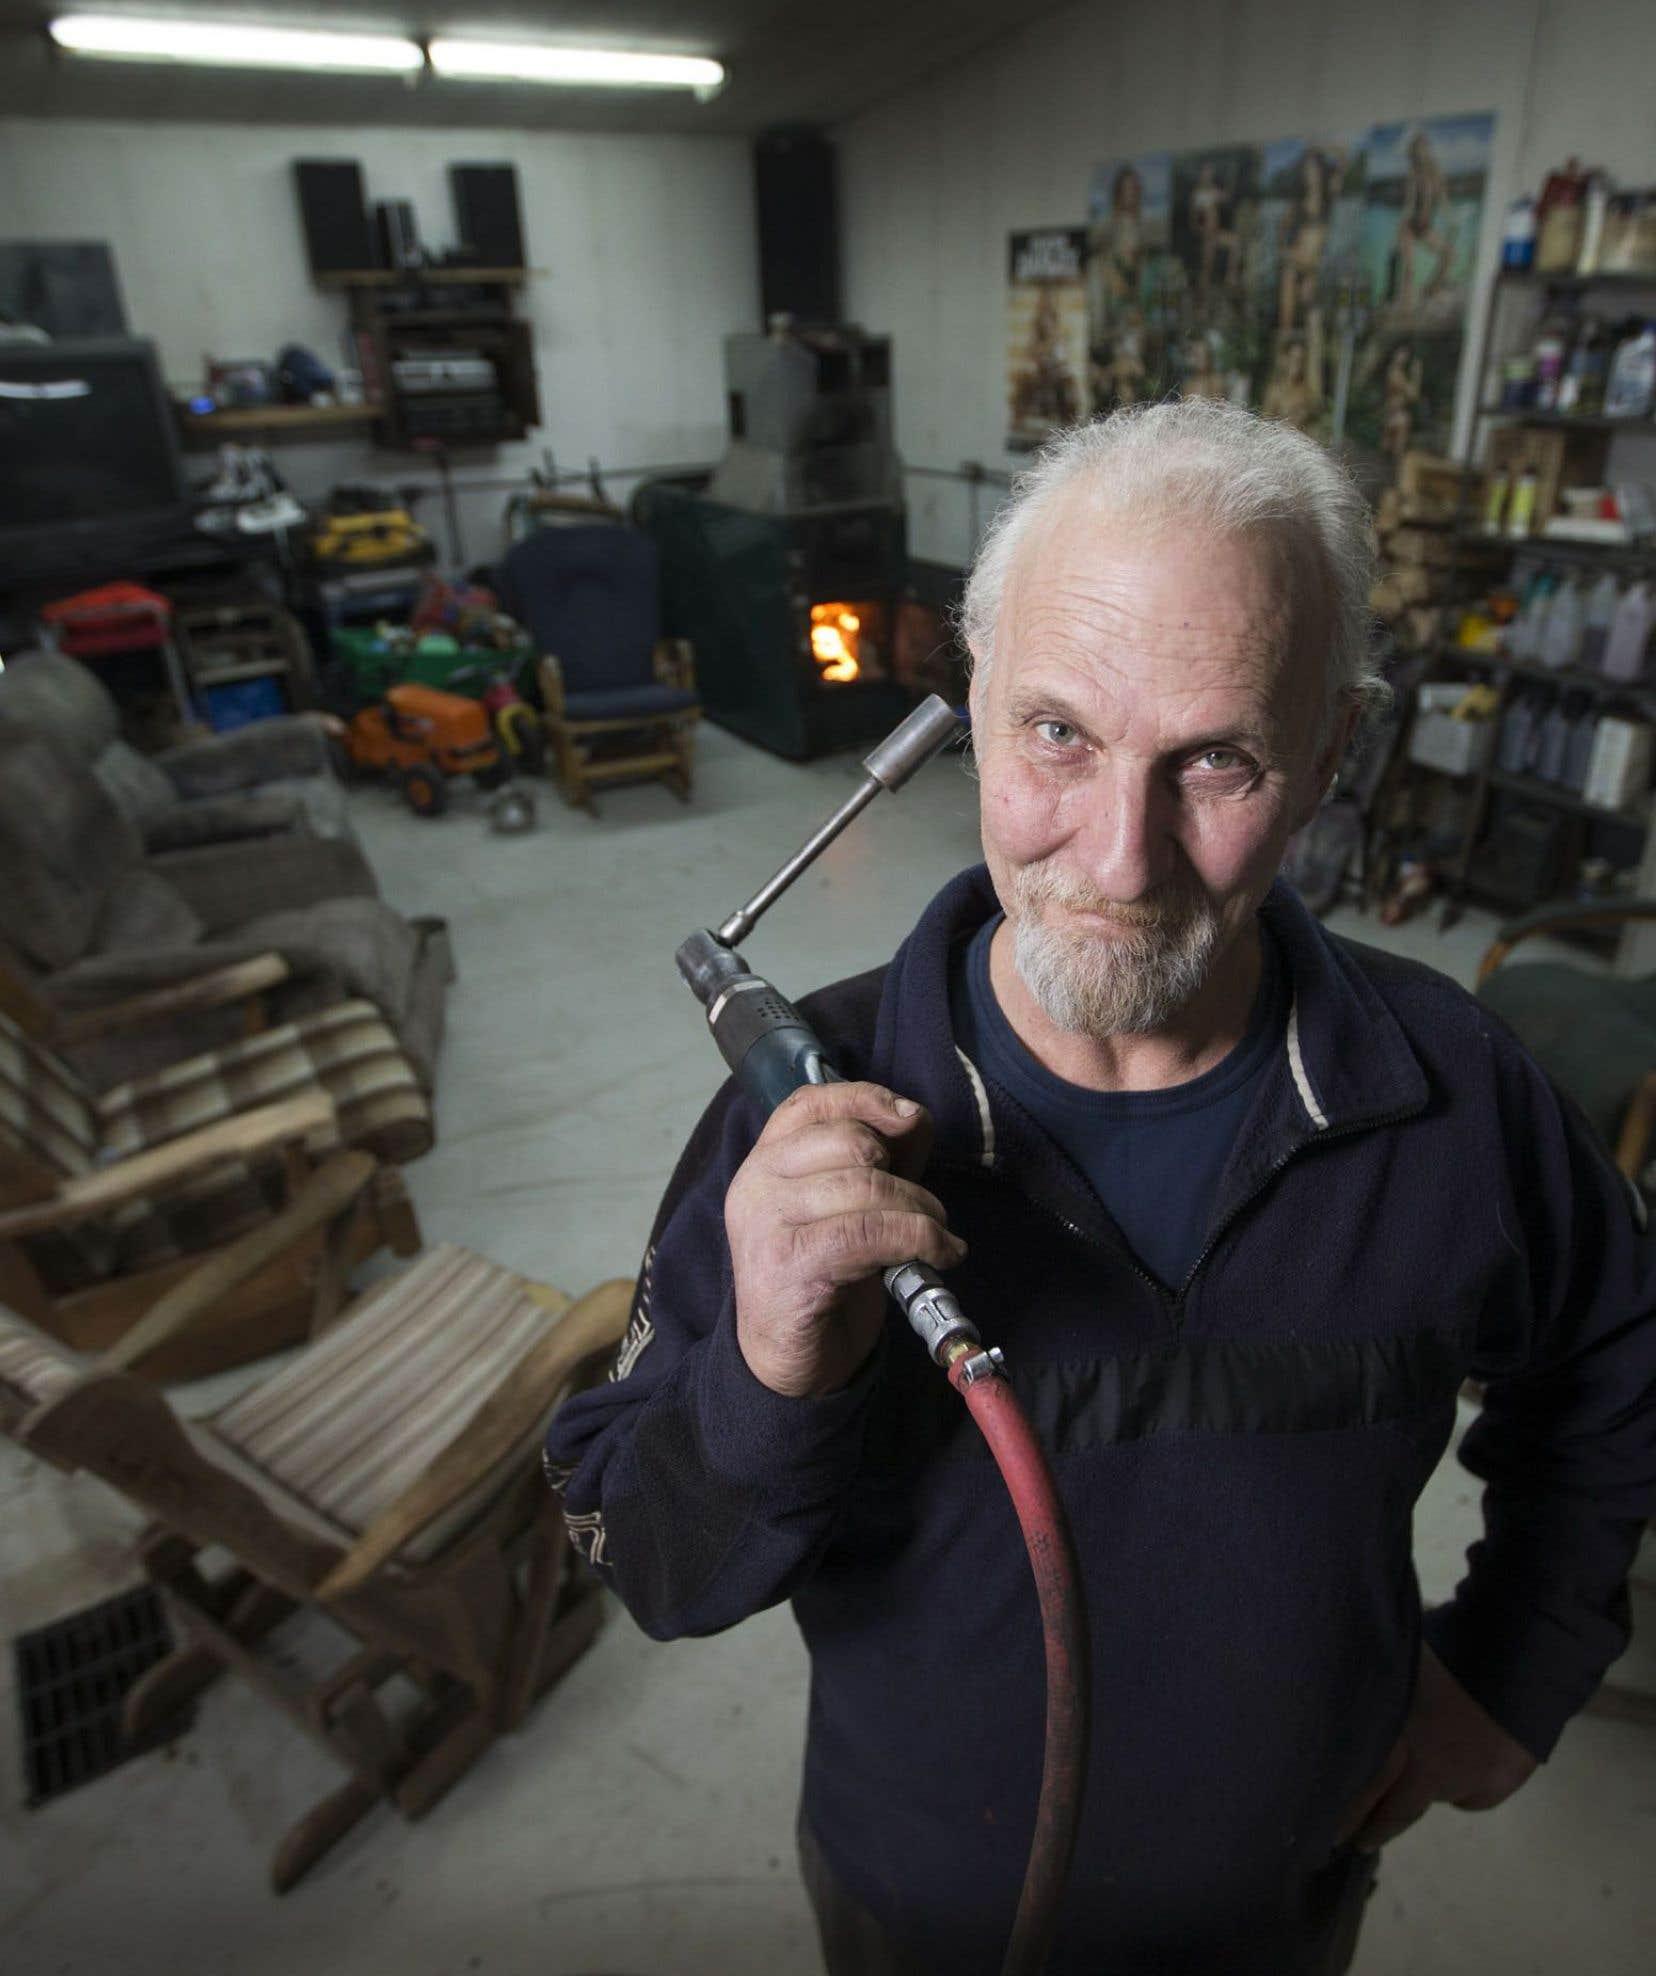 Le cinéaste Michel Demers, documentariste qui aime faire le portrait de gens «ordinaires», a posé sa caméra dans l'intimité du garage de son frère mécanicien.